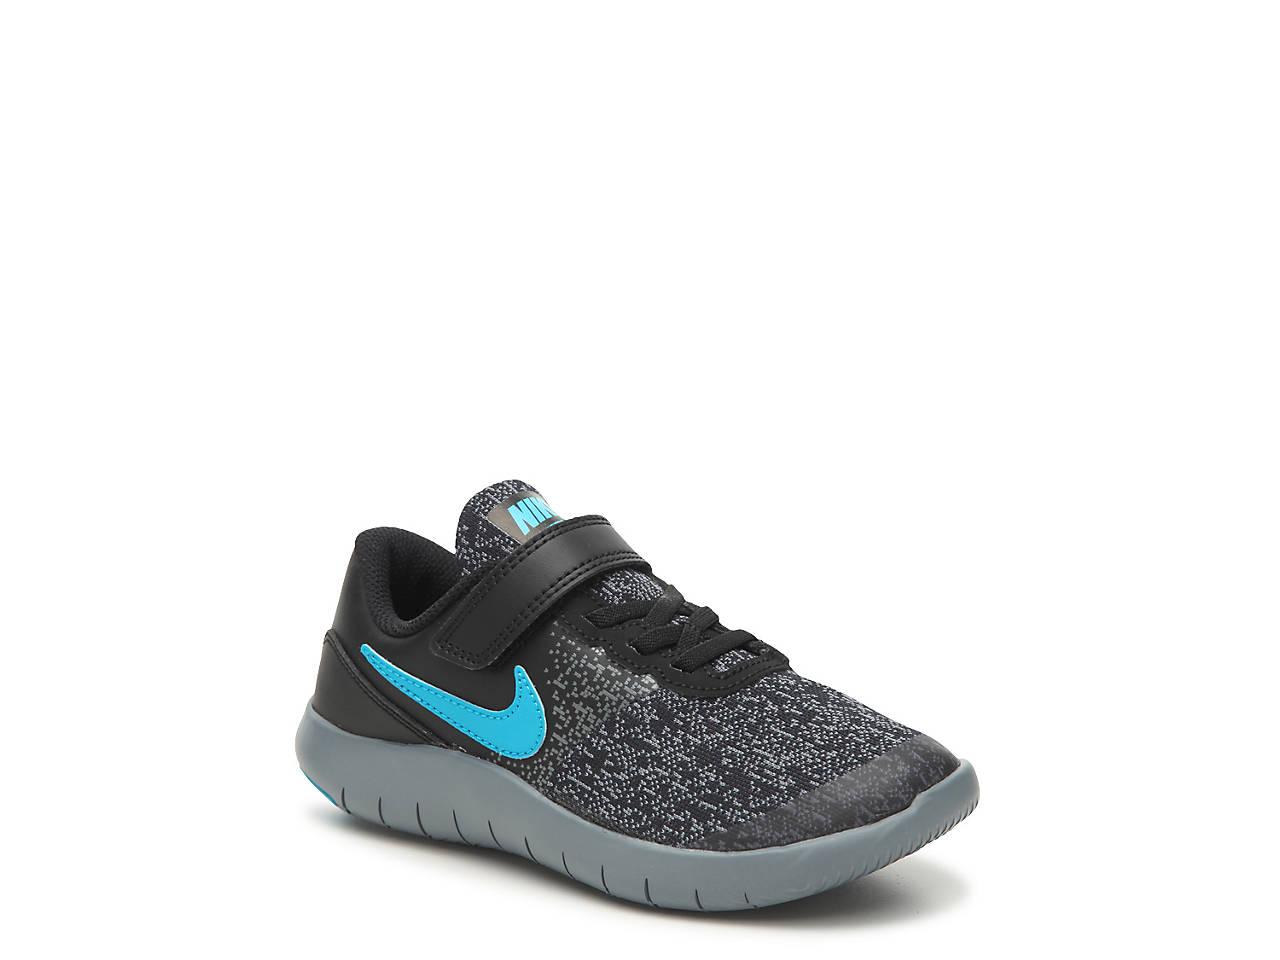 75bee2882863e Nike Flex Contact Toddler   Youth Running Shoe Kids Shoes